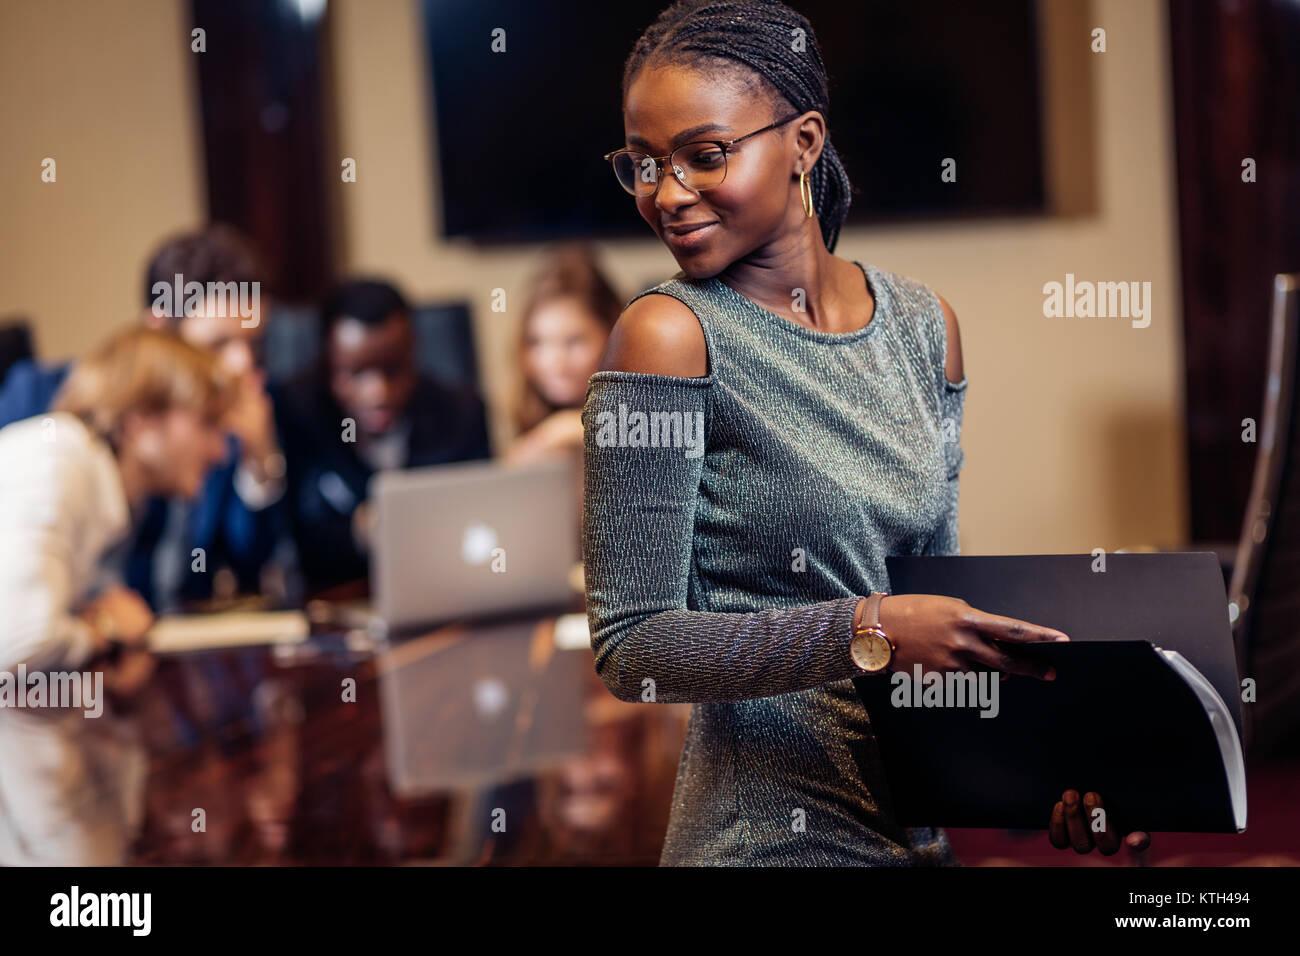 Afrikanische Geschäftsfrau Blick auf Kamera im Sitzungssaal mit Kollegen im Hintergrund Stockbild